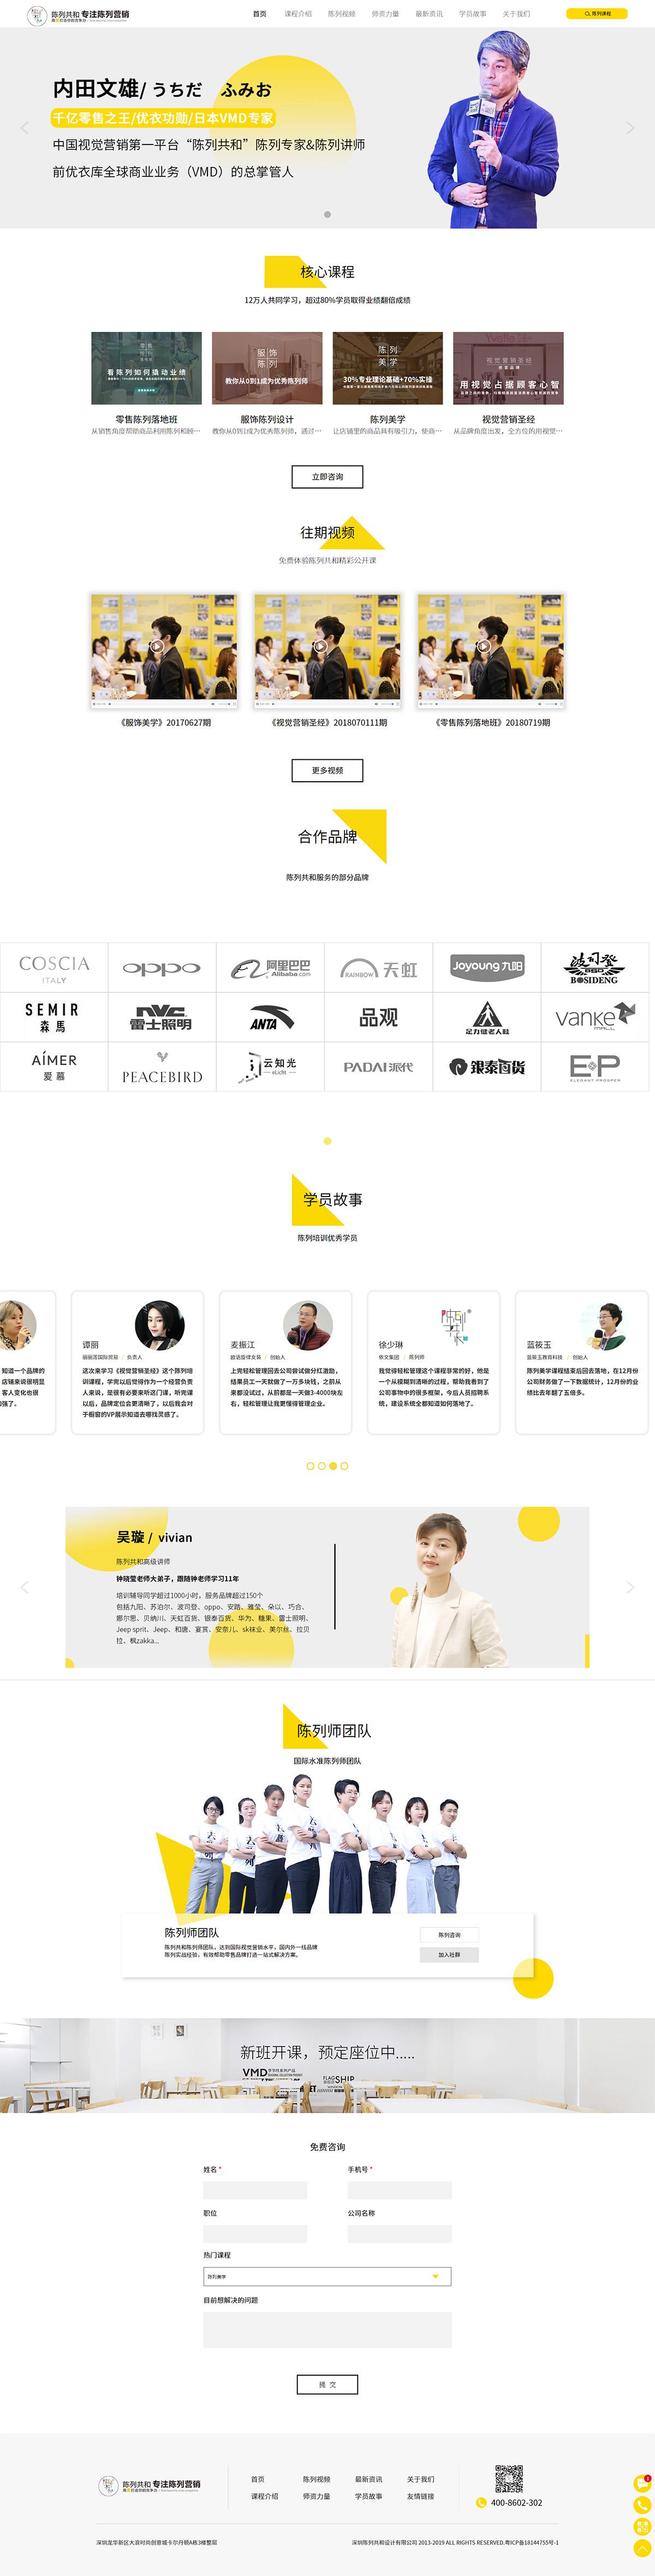 陈列共和网站案例